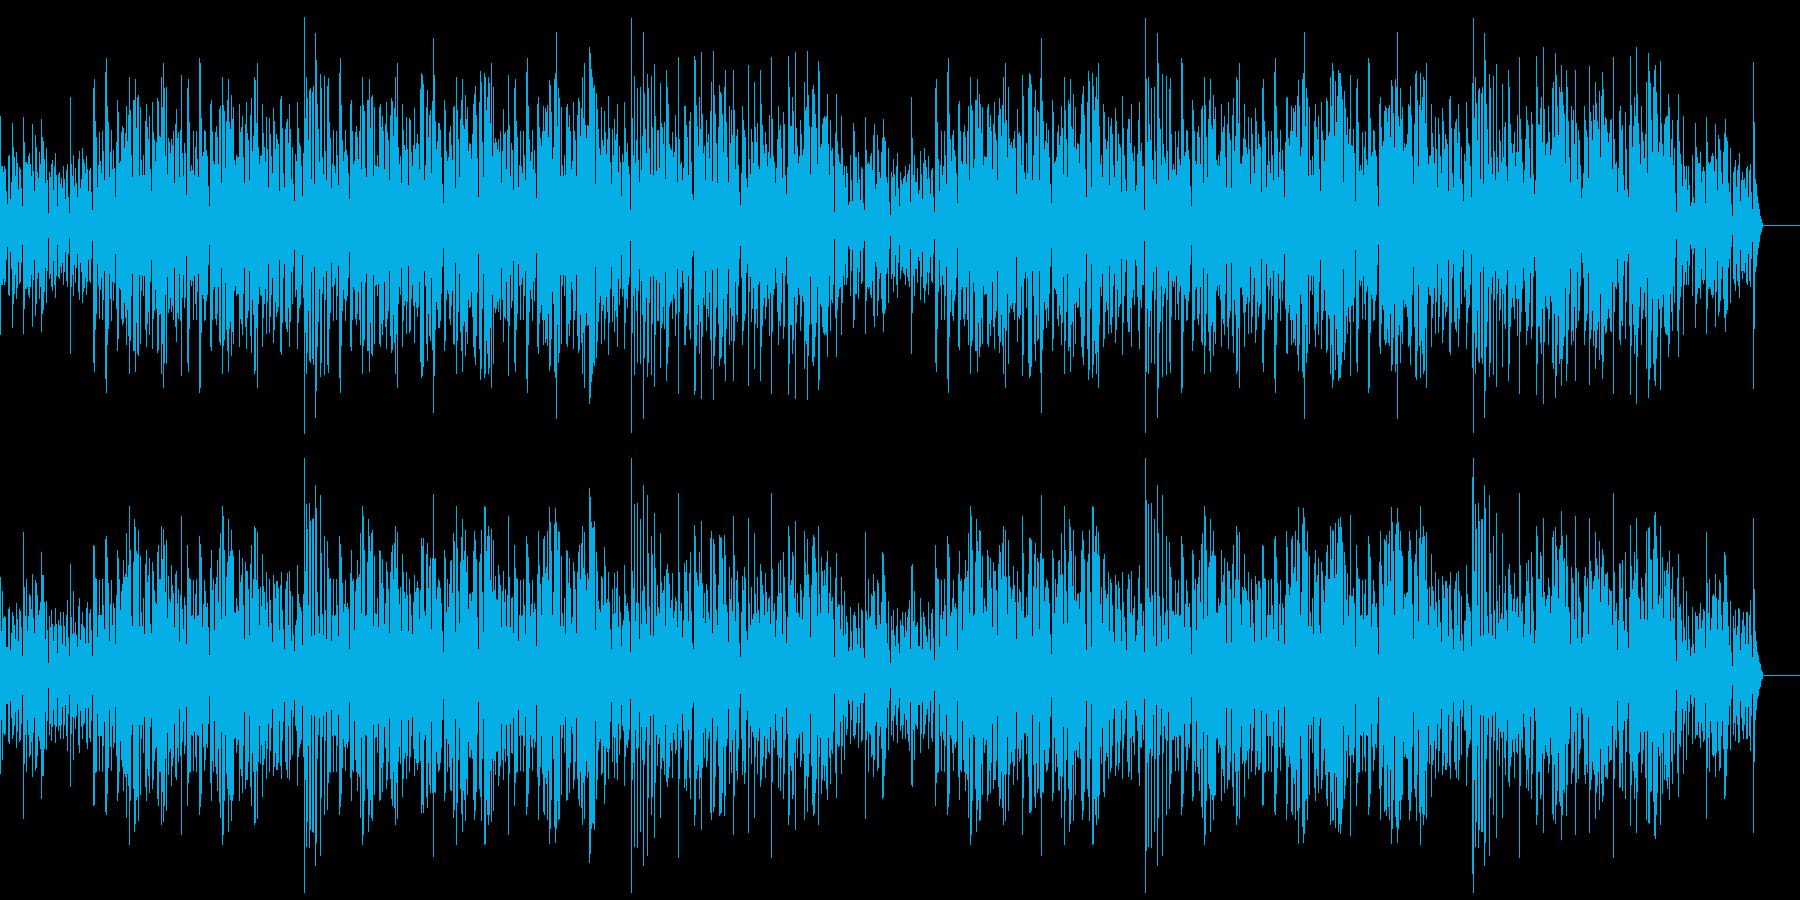 透明感のある繊細なジャズの再生済みの波形